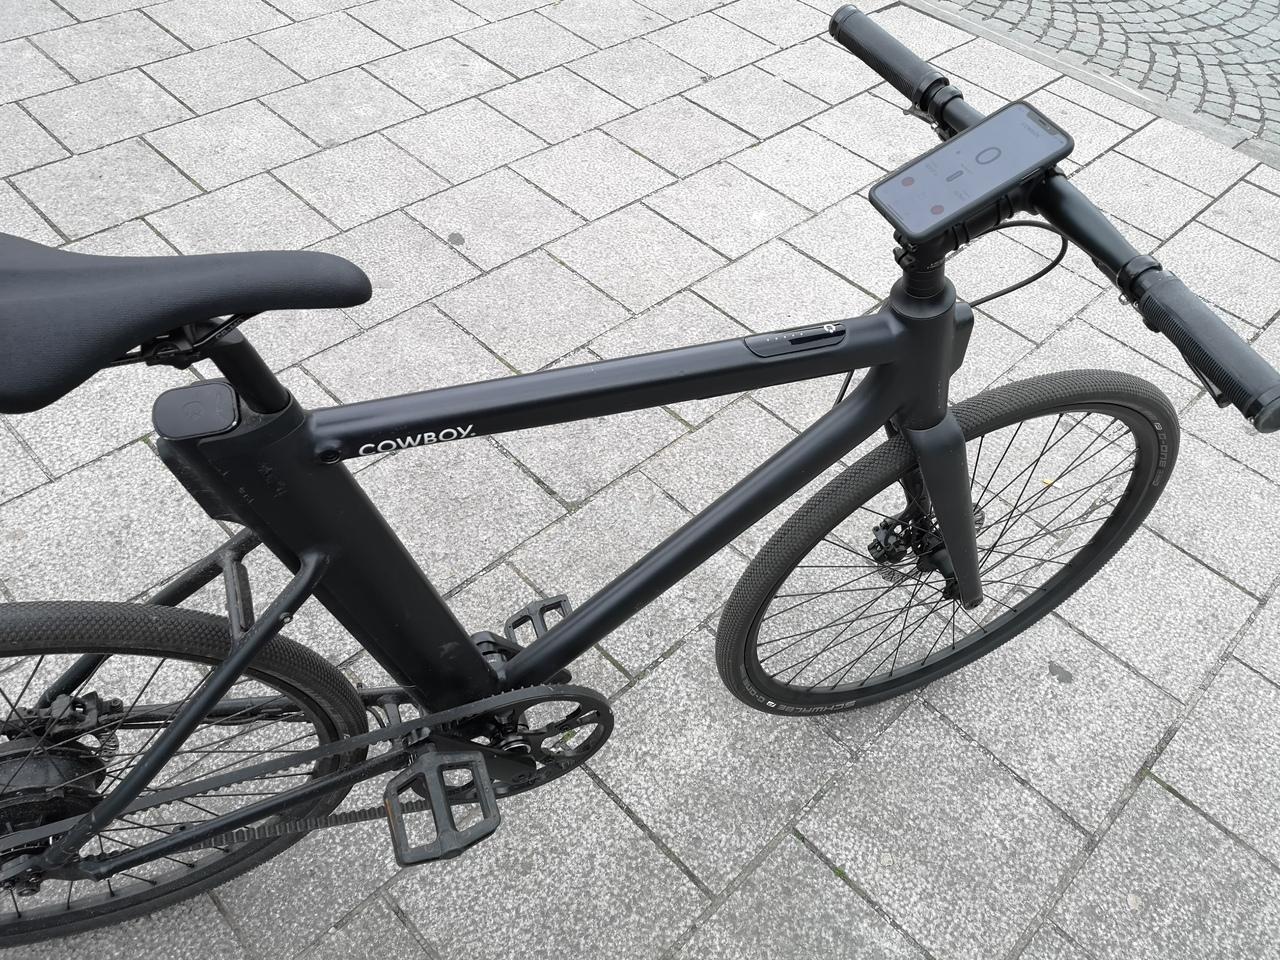 Как подготовить велосипед к сезону после зимы